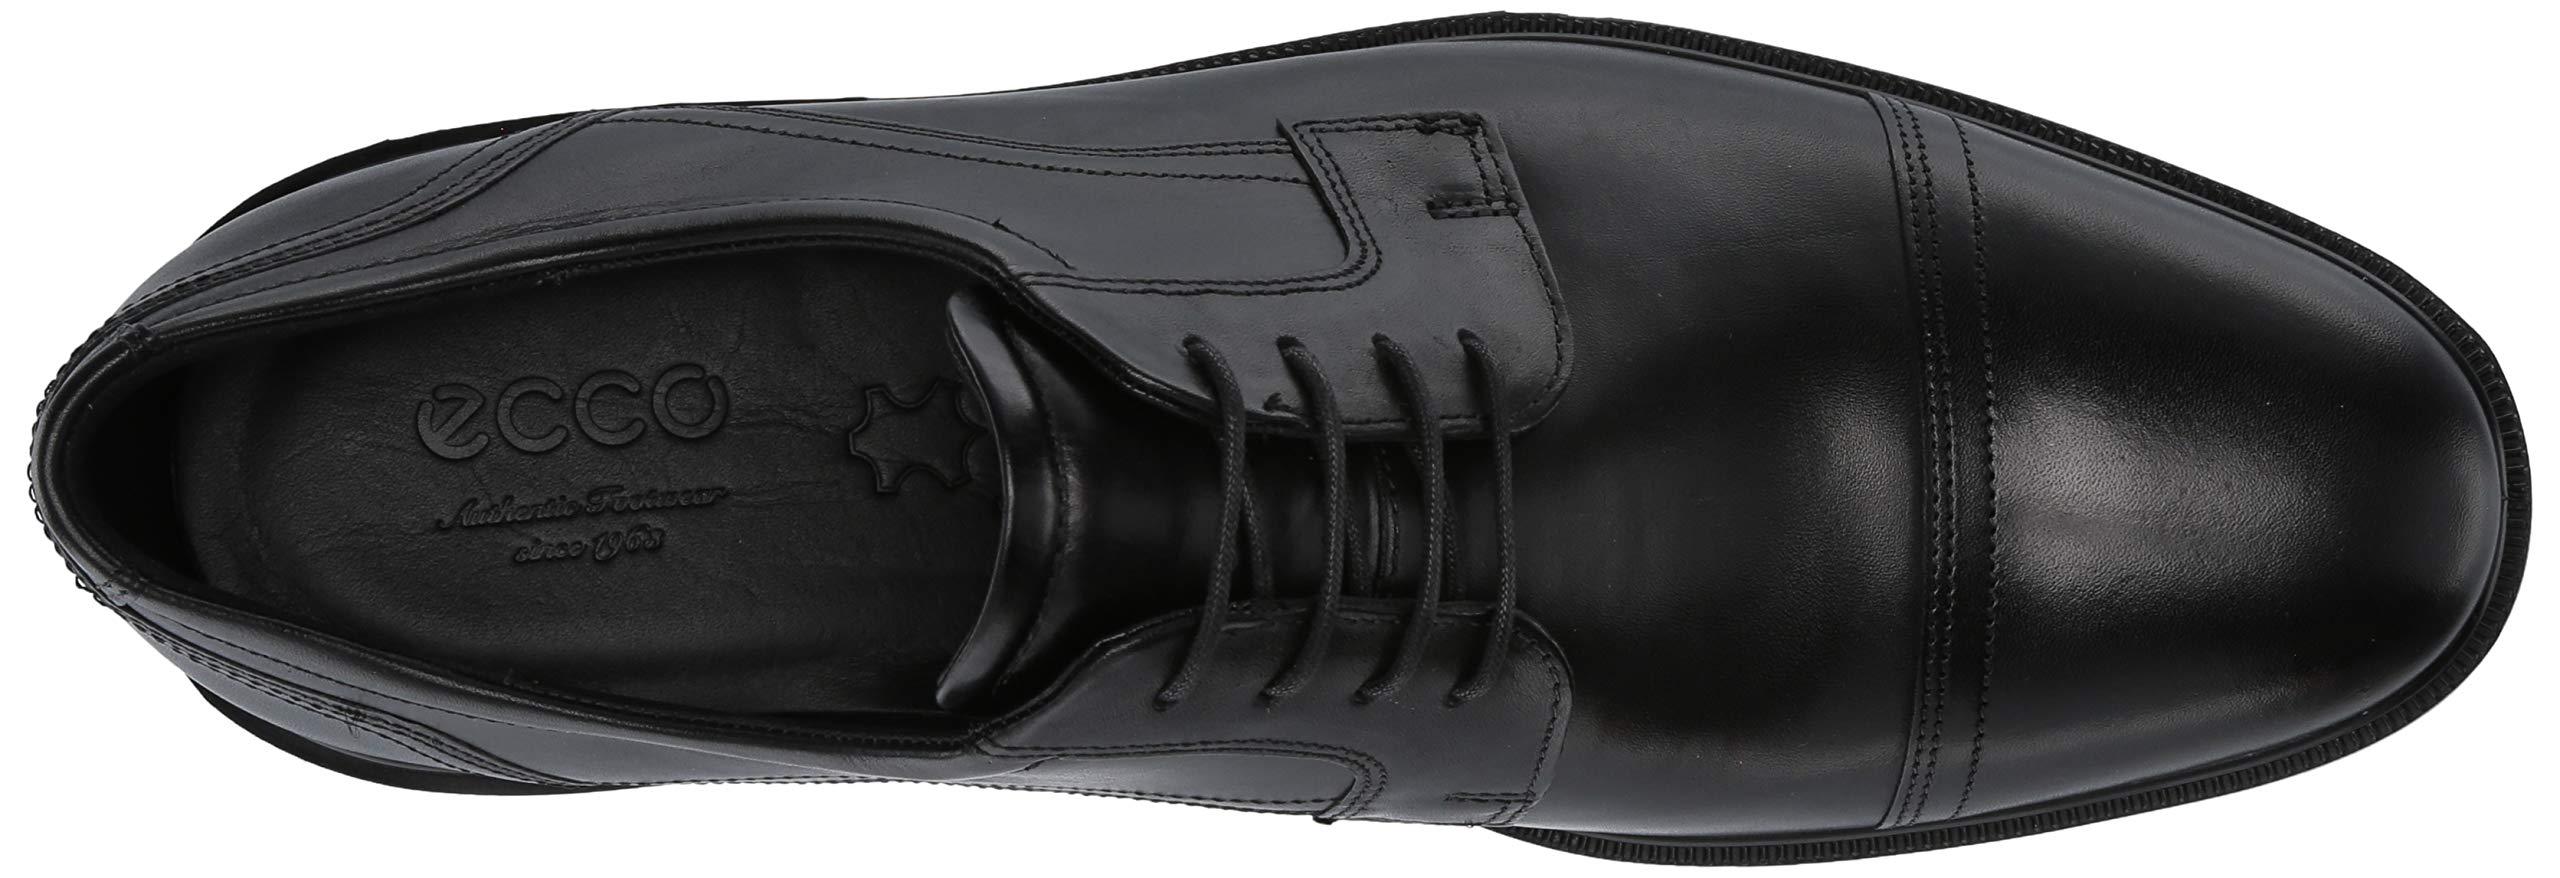 ECCO Men's Lisbon Cap Toe Tie Oxford, Black, 48 EU/14-14.5 M US by ECCO (Image #8)